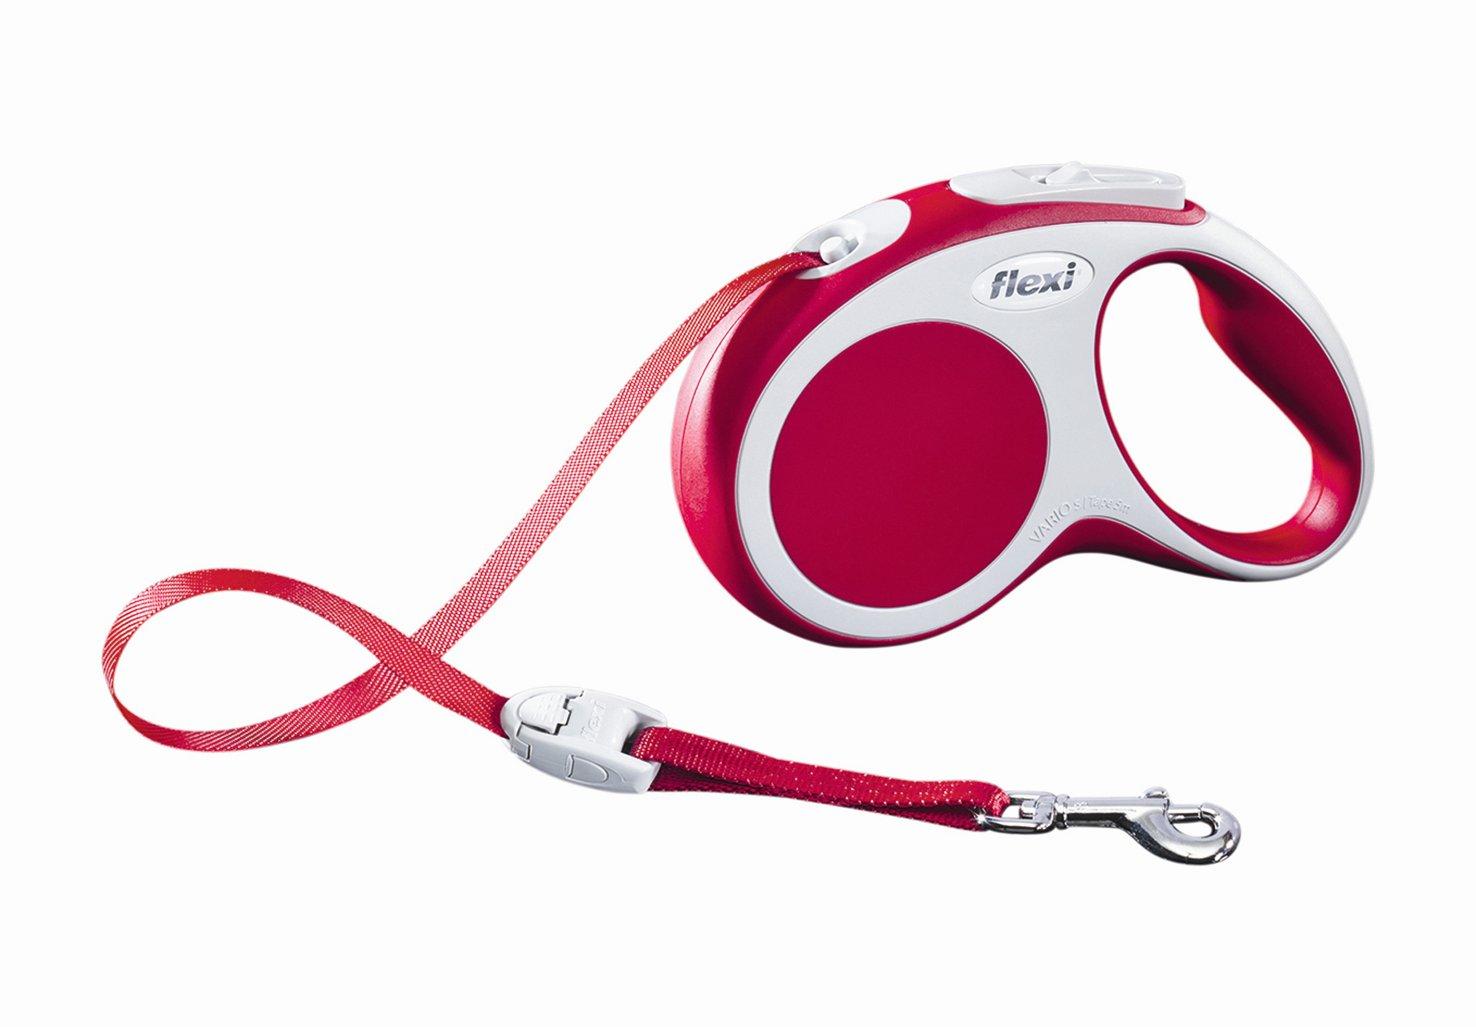 """Поводок-рулетка Flexi """"Vario Compact S"""" для собак до 15 кг, цвет: красный, 5 м"""